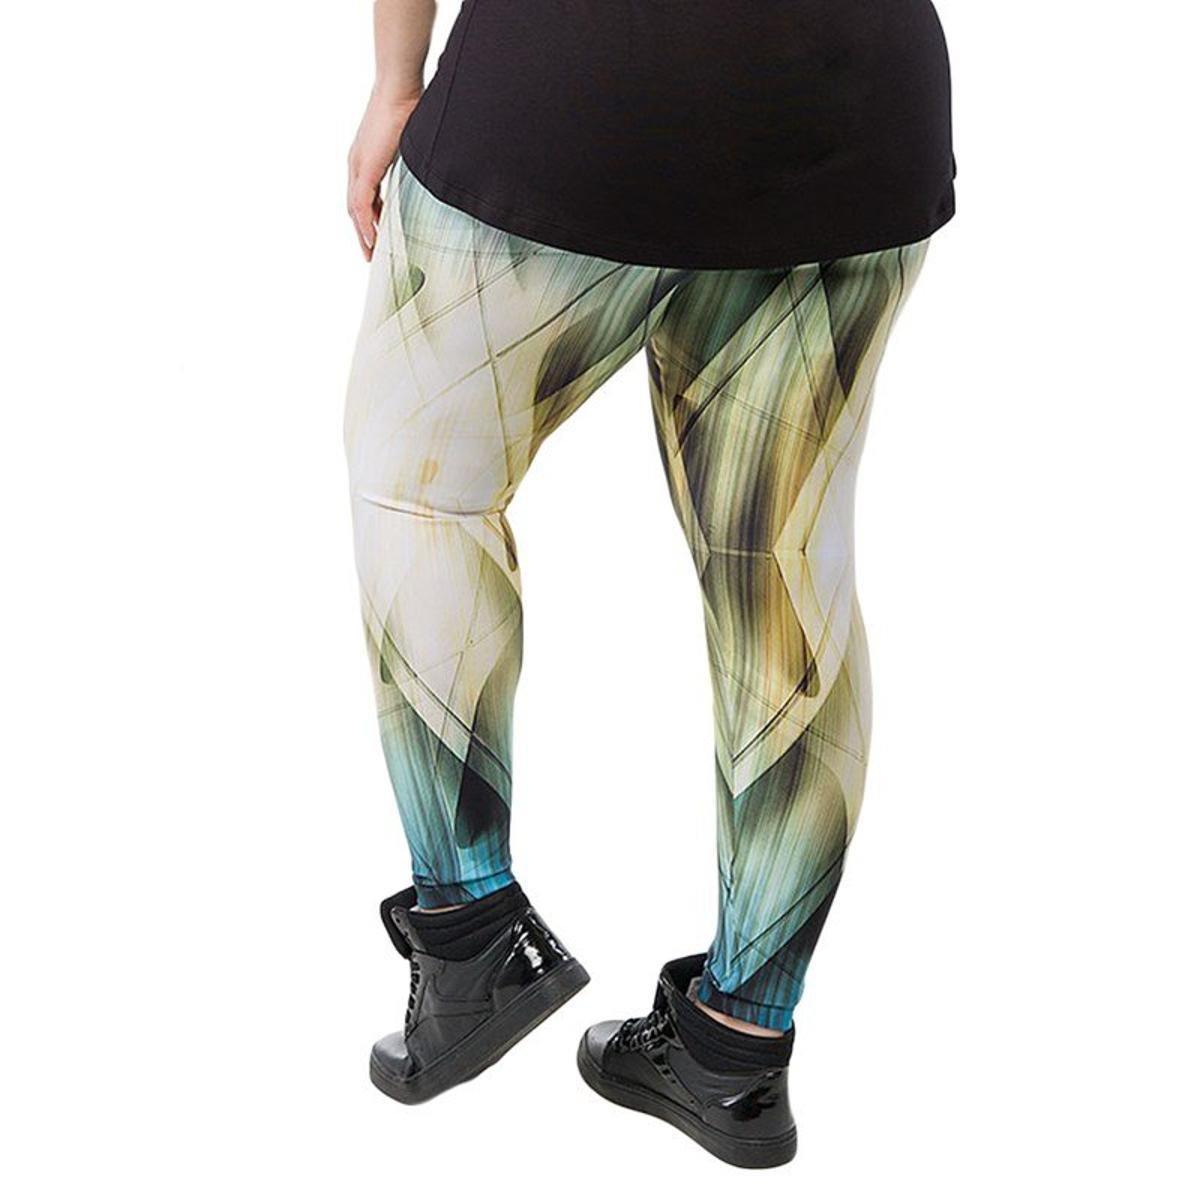 Calça Candace Candace nbsp;Trinys Legging Verde Legging Plus Calça Plus Size rXnCrq